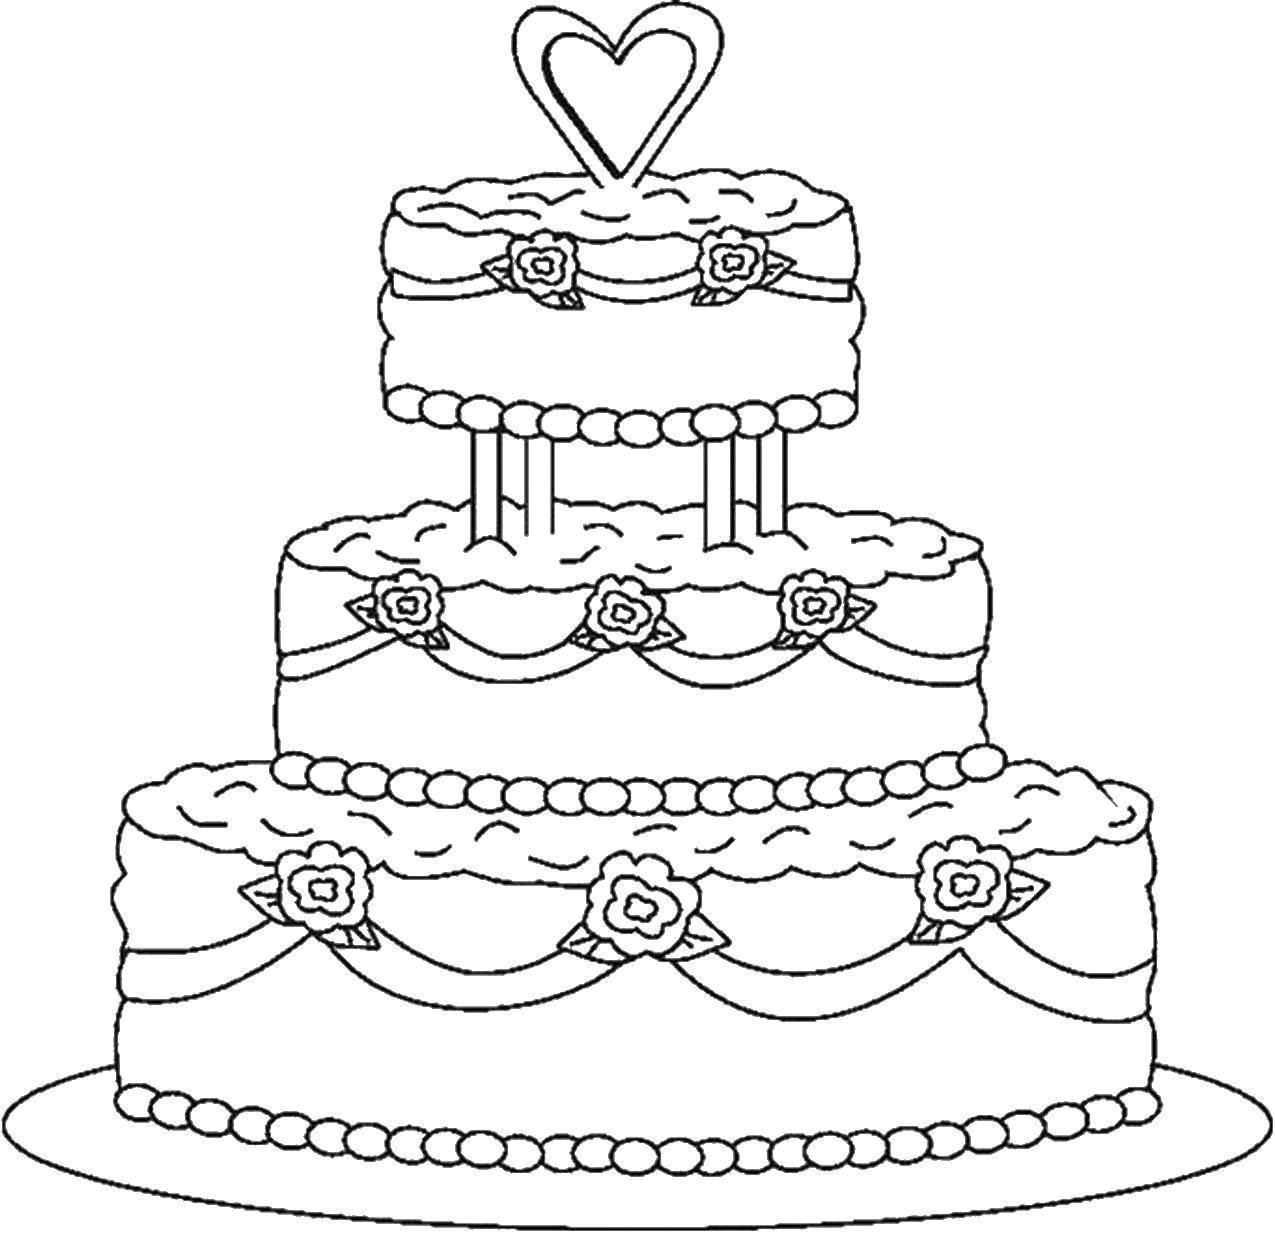 Раскраска Свадьба Скачать .  Распечатать